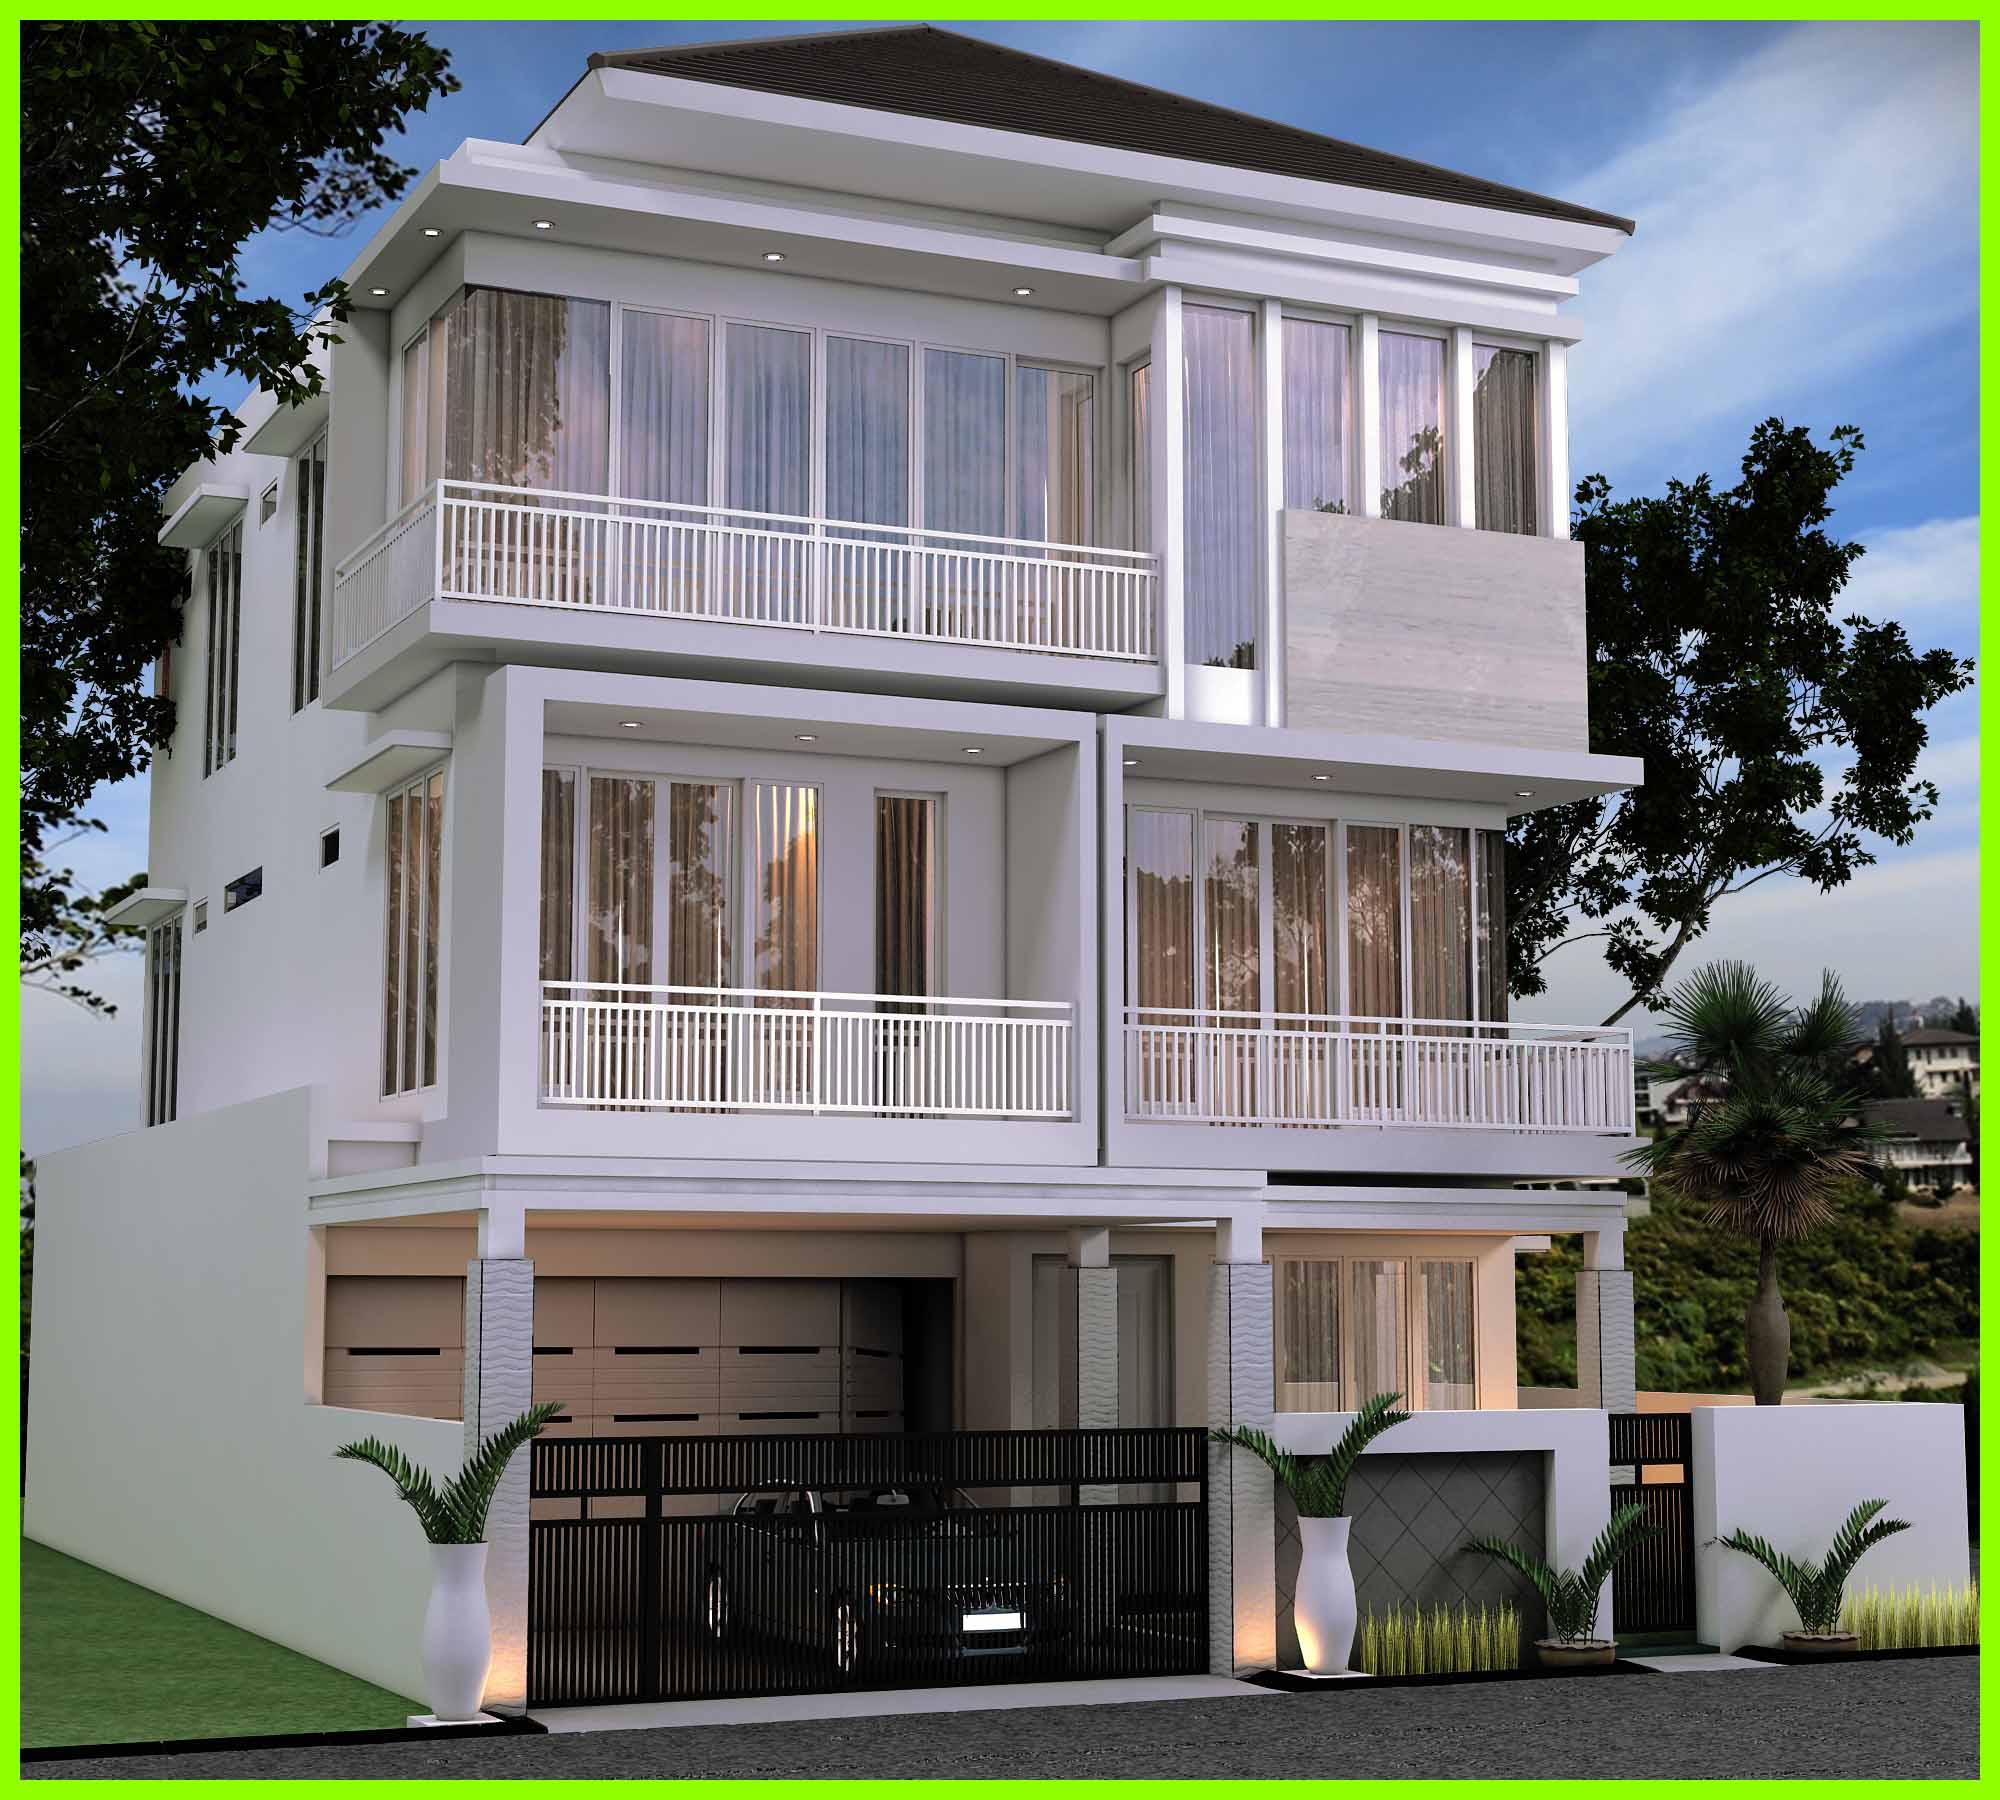 72 Inspirasi Desain Rumah Minimalis 2 Lantai Terbaru 2020 Terbaru Dan Terlengkap Deagam Design